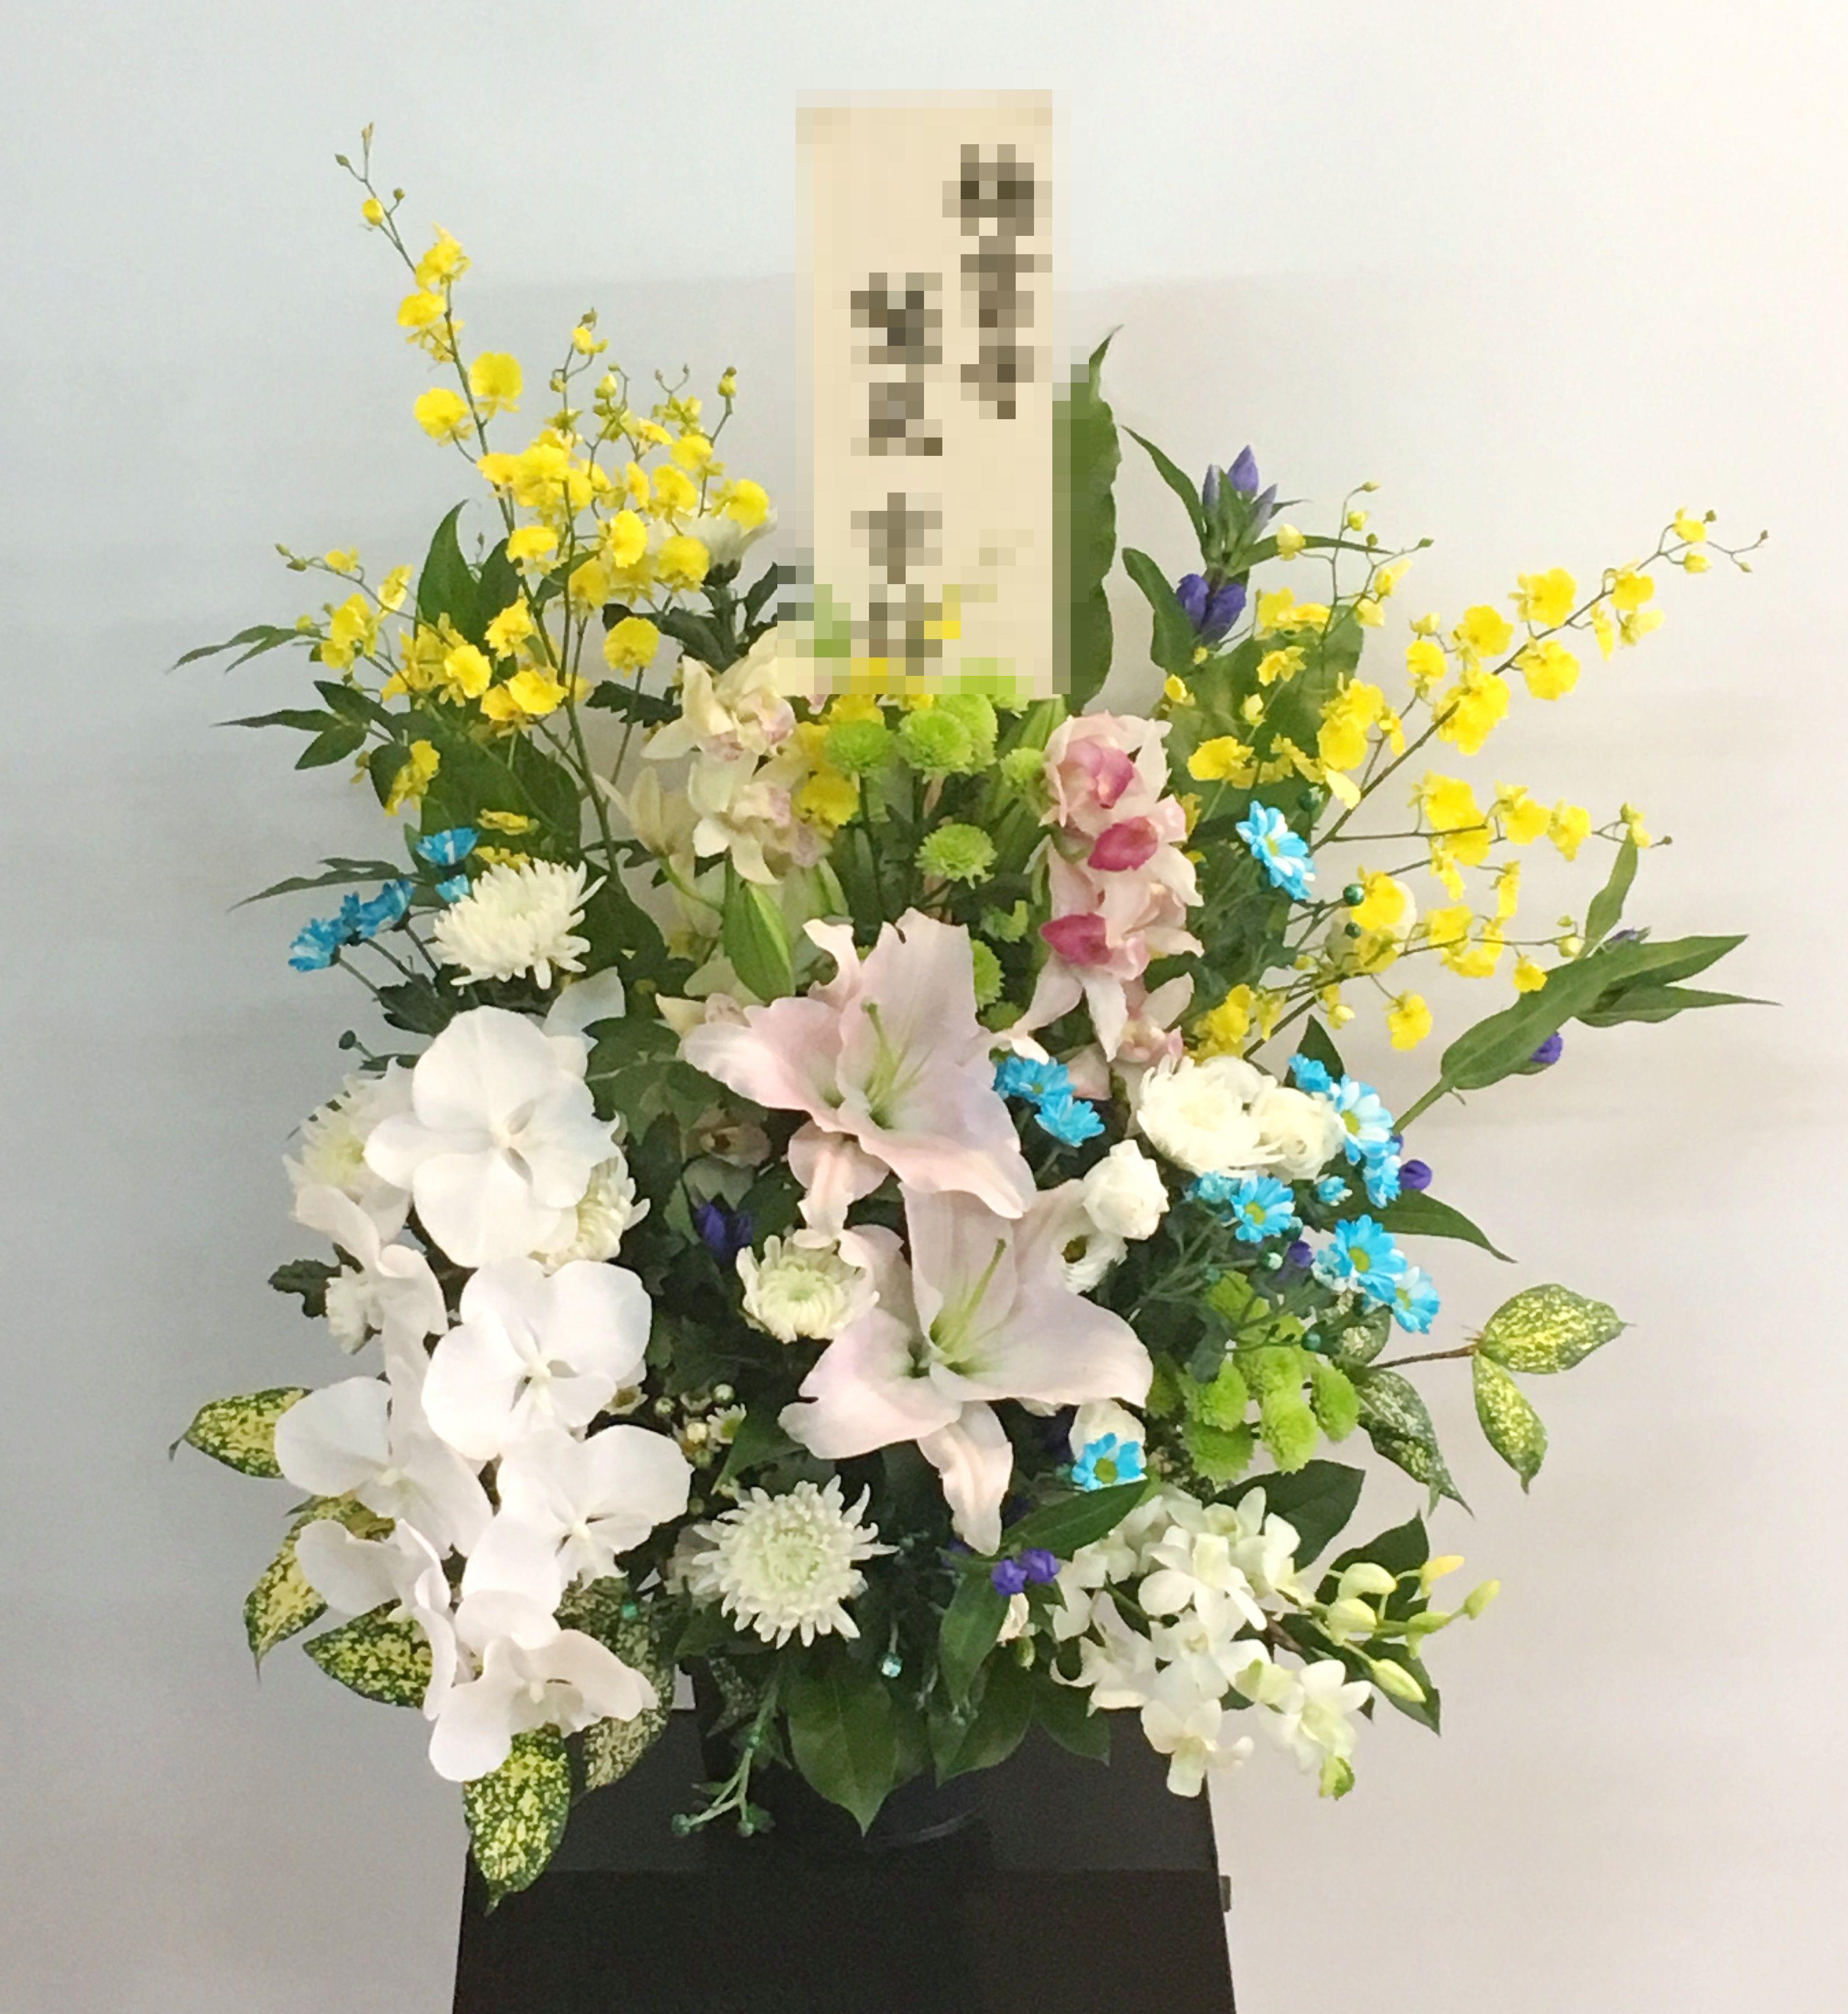 【ナオ花屋の納品事例84】パシフィコ横浜へアレンジメントを配達しました!